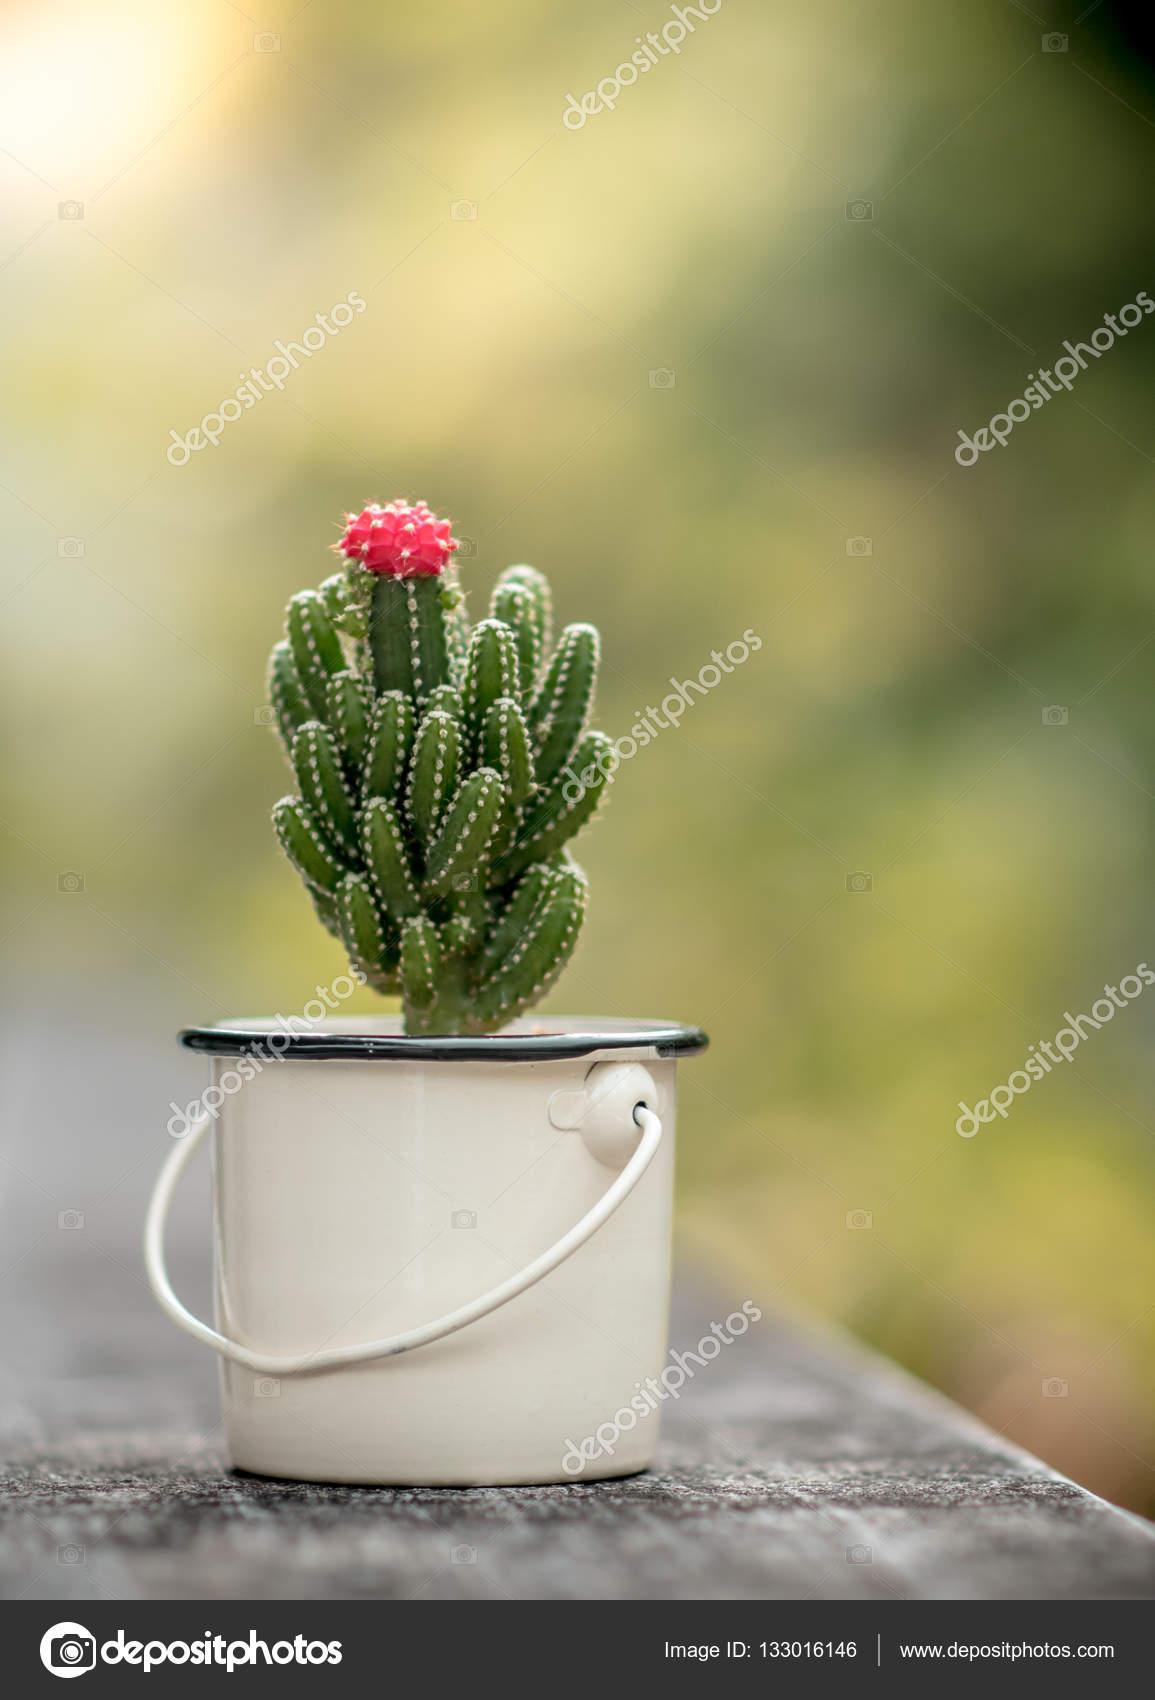 Beau Cactus Avec Fleur Rose Photographie Pixbox77 C 133016146